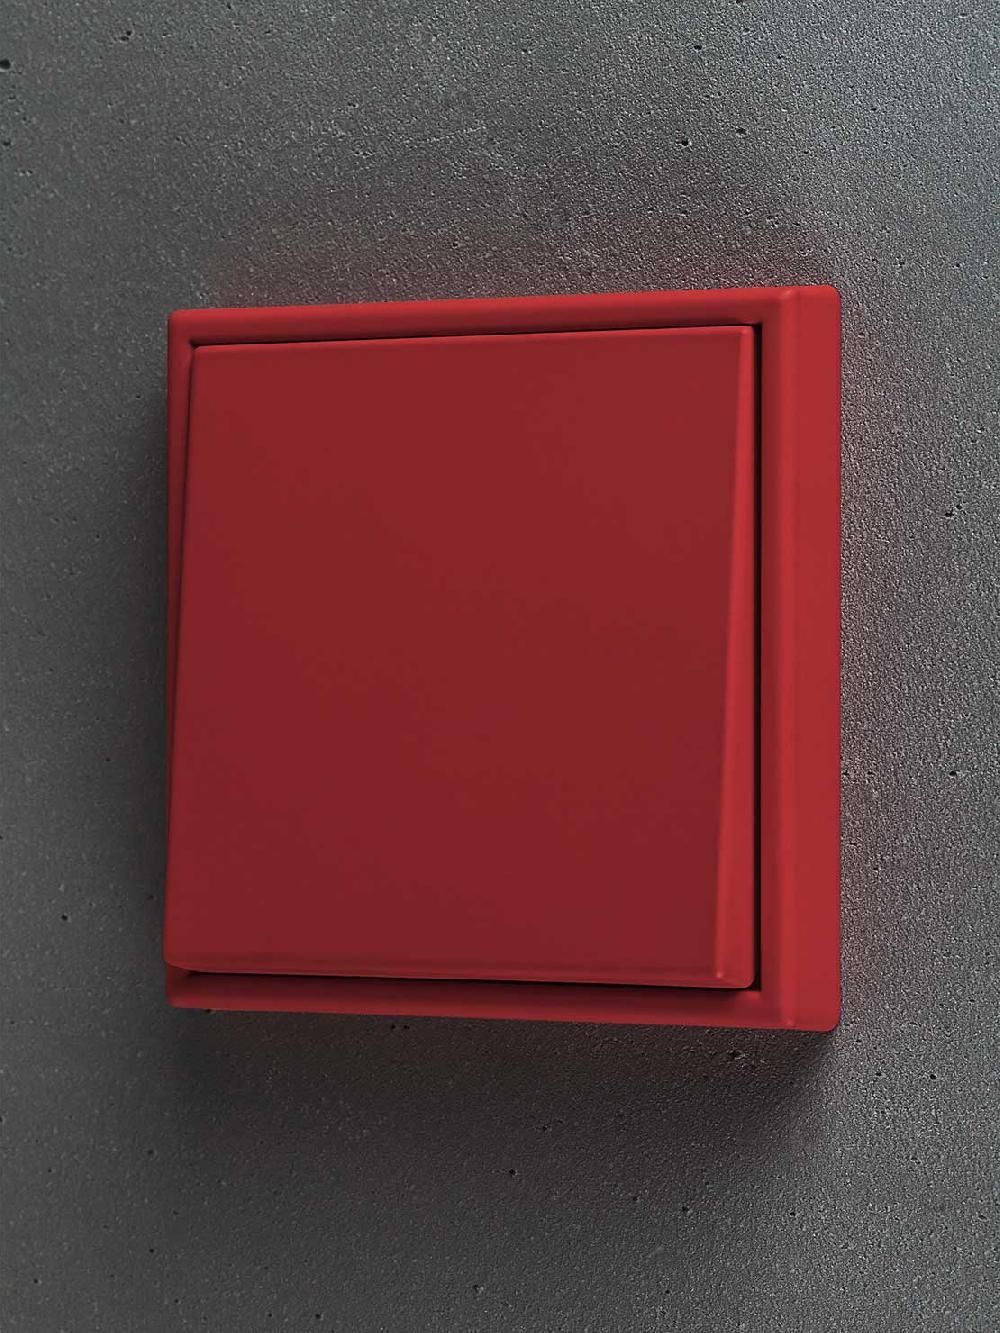 Interrupteur va-et-vient simple Le Corbusier - JUNG